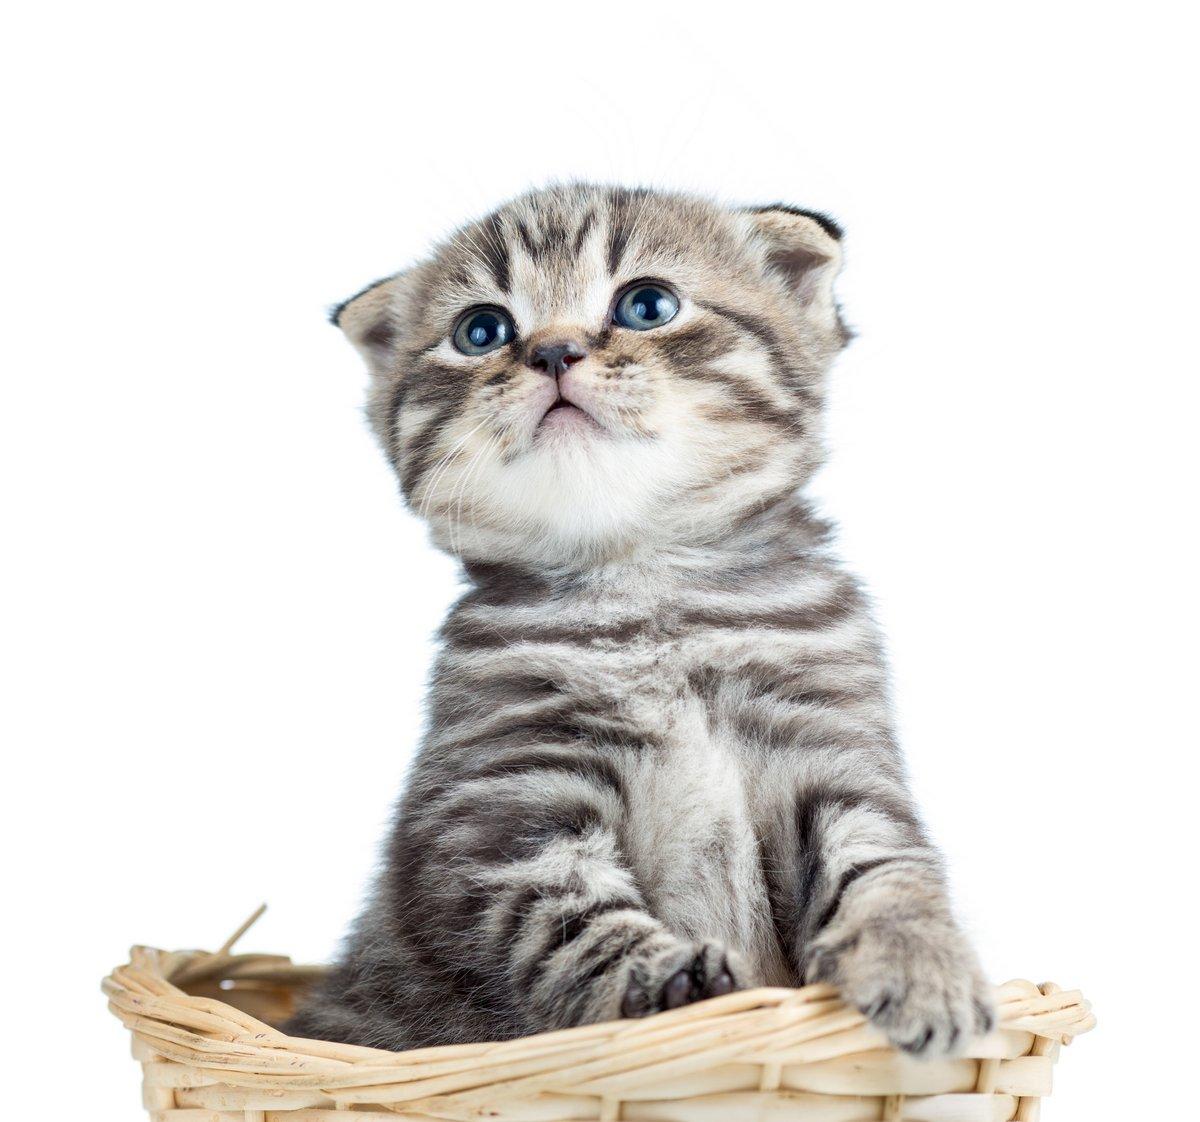 Смешные детские шотландский британский котенок сидит в корзине, 21x20 см, на бумагеКошки<br>Постер на холсте или бумаге. Любого нужного вам размера. В раме или без. Подвес в комплекте. Трехслойная надежная упаковка. Доставим в любую точку России. Вам осталось только повесить картину на стену!<br>